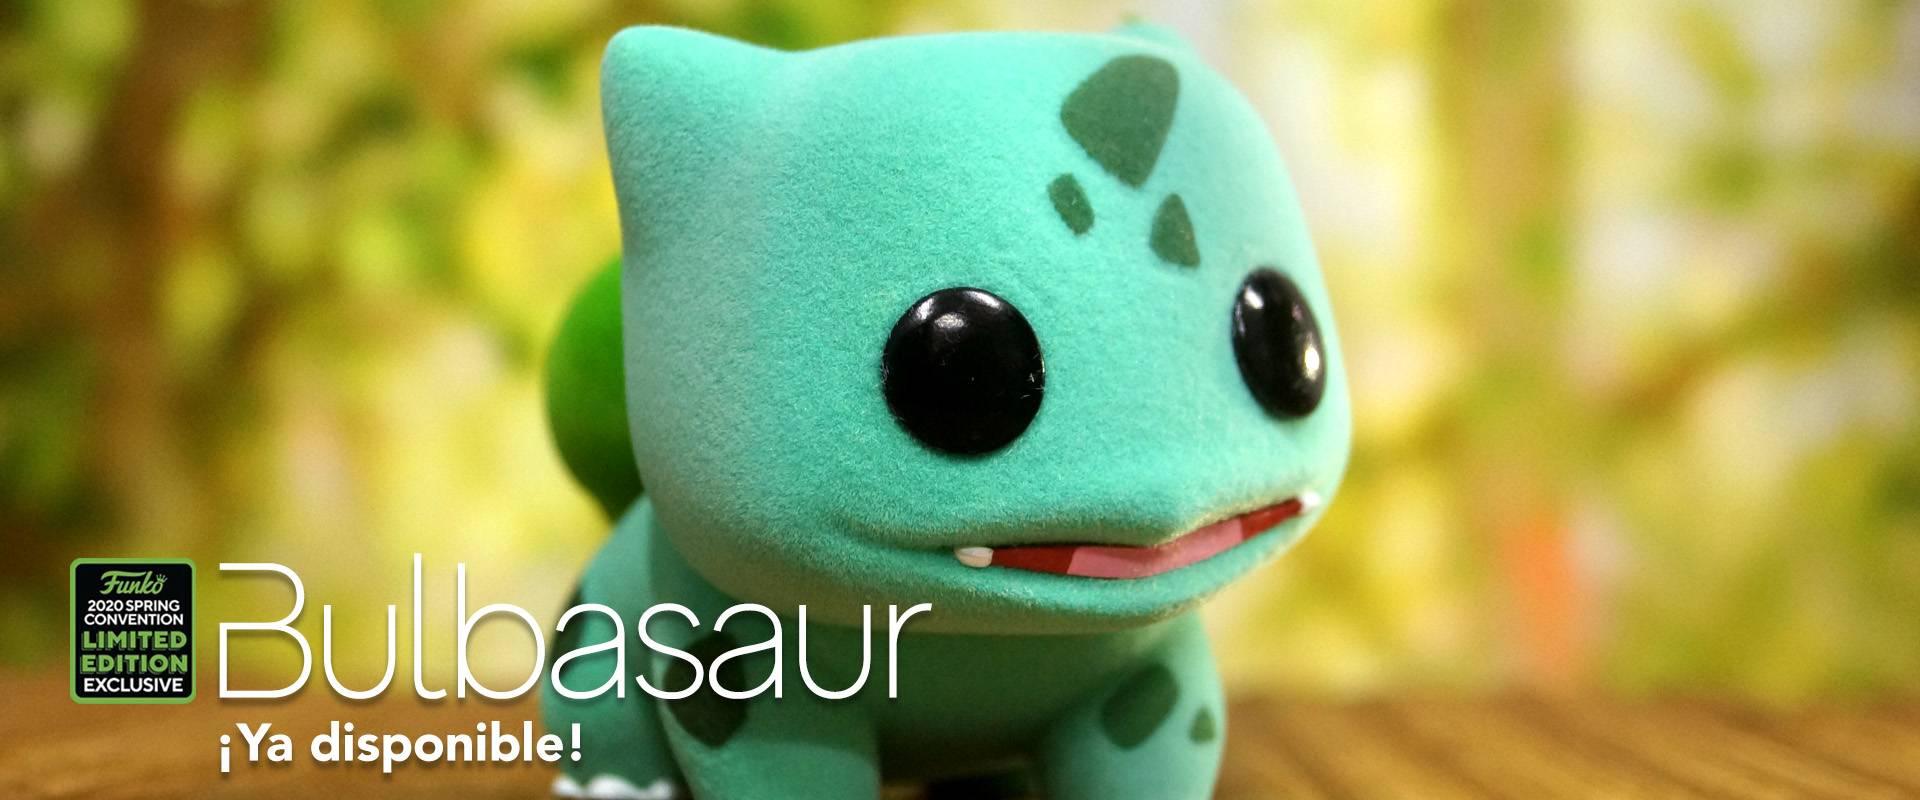 ¡Bulbasaur ya disponible!